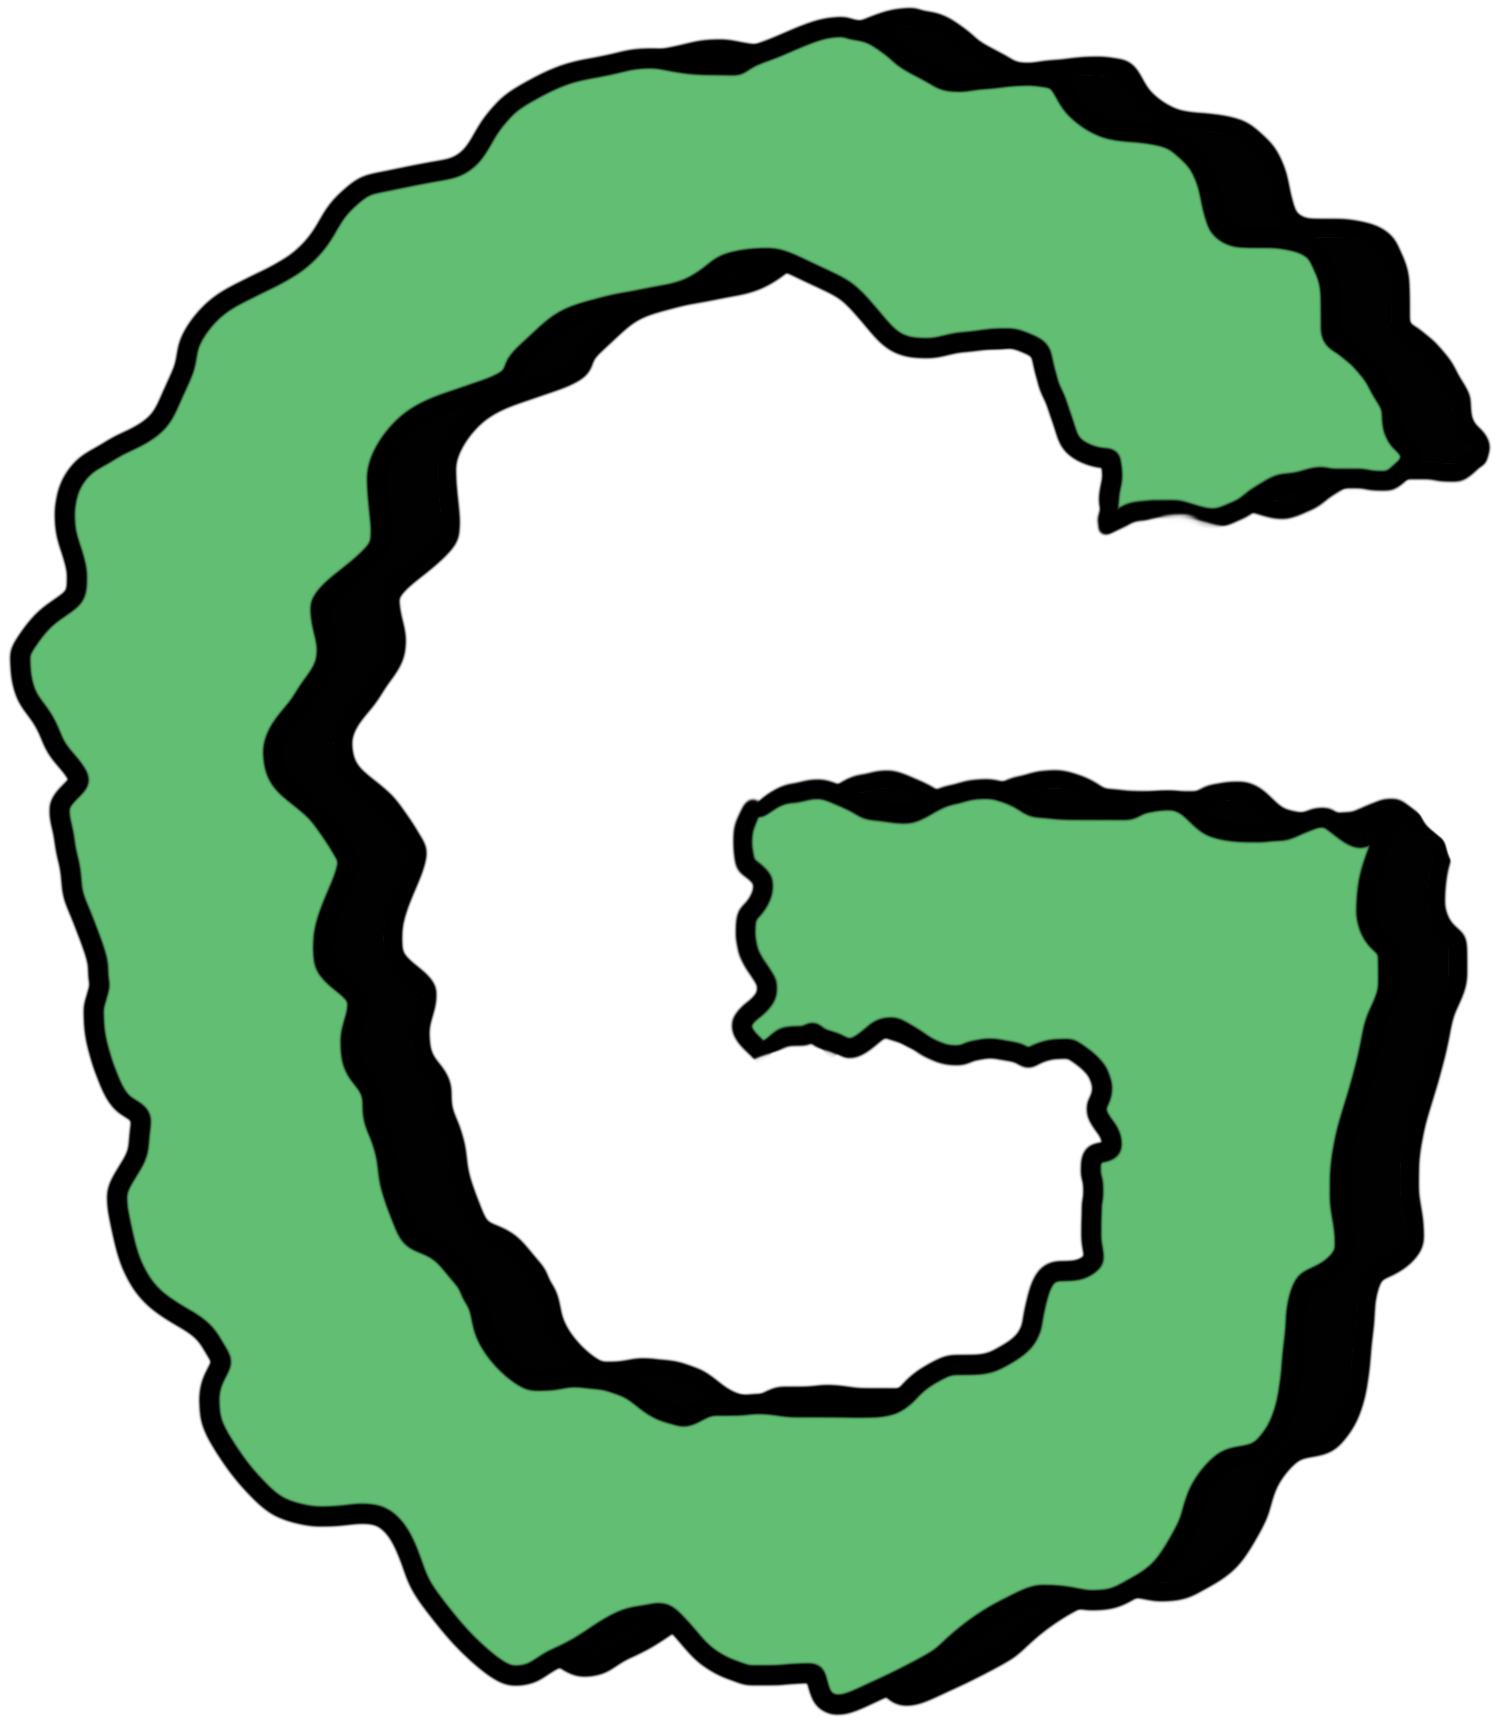 cropped-g-logo.png